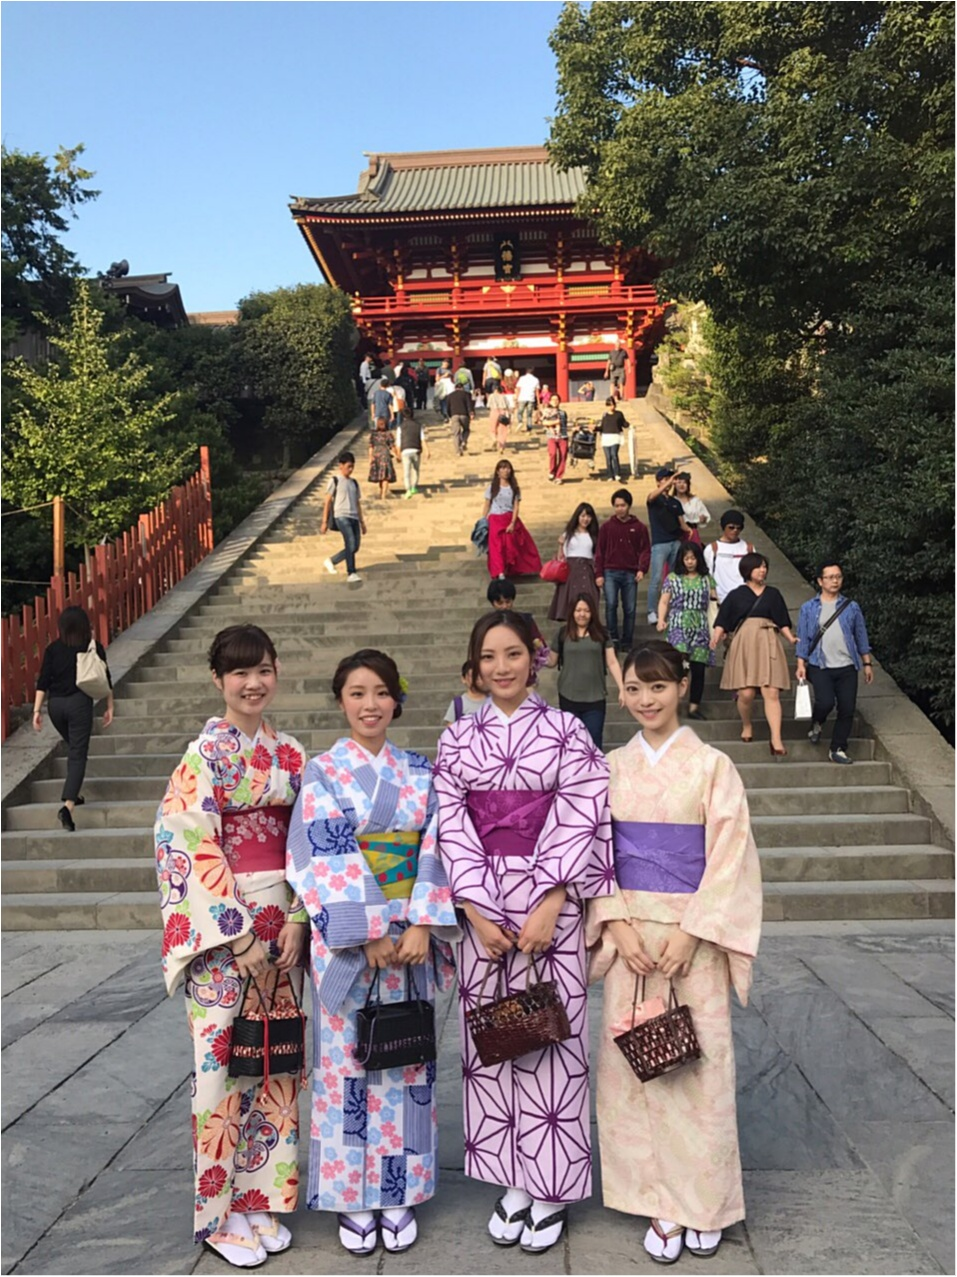 【着物でフォトジェニック!】『今の季節にオススメな』鎌倉で食べ歩きしたい方必見!ご紹介します♡_17